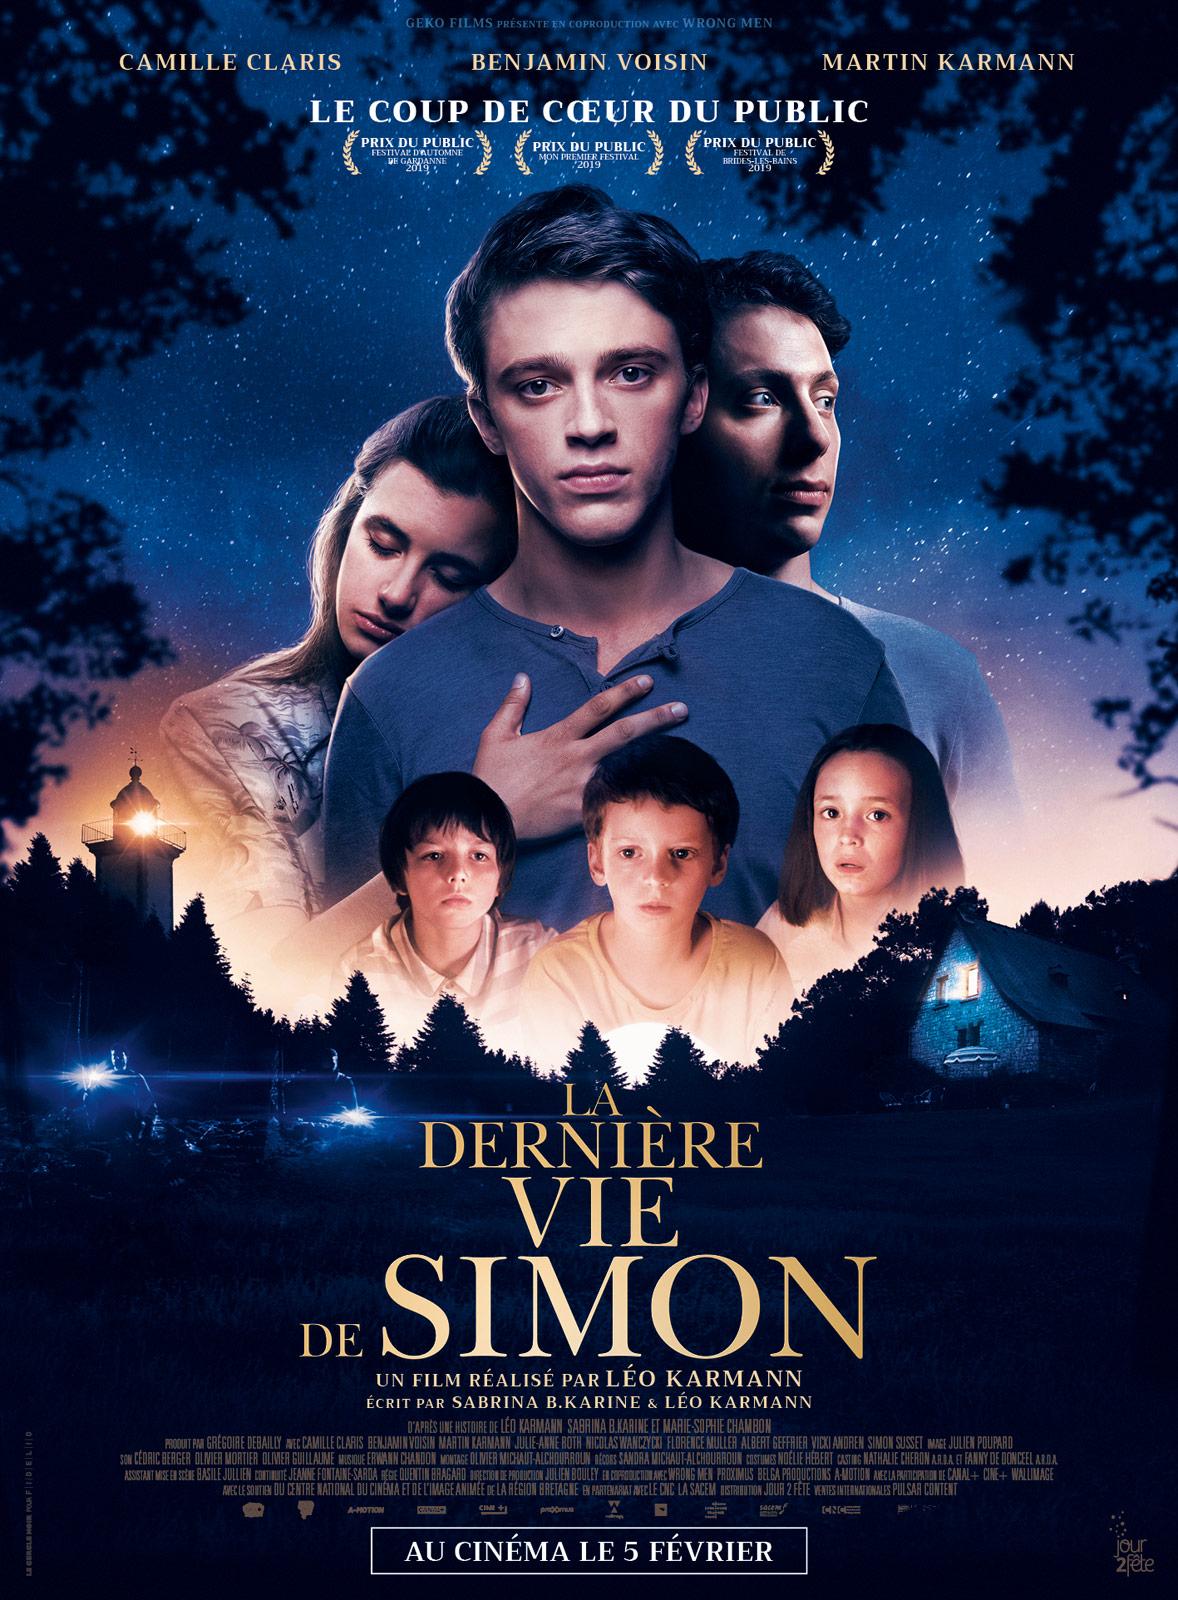 La Dernière Vie de Simon - film 2019 - AlloCiné